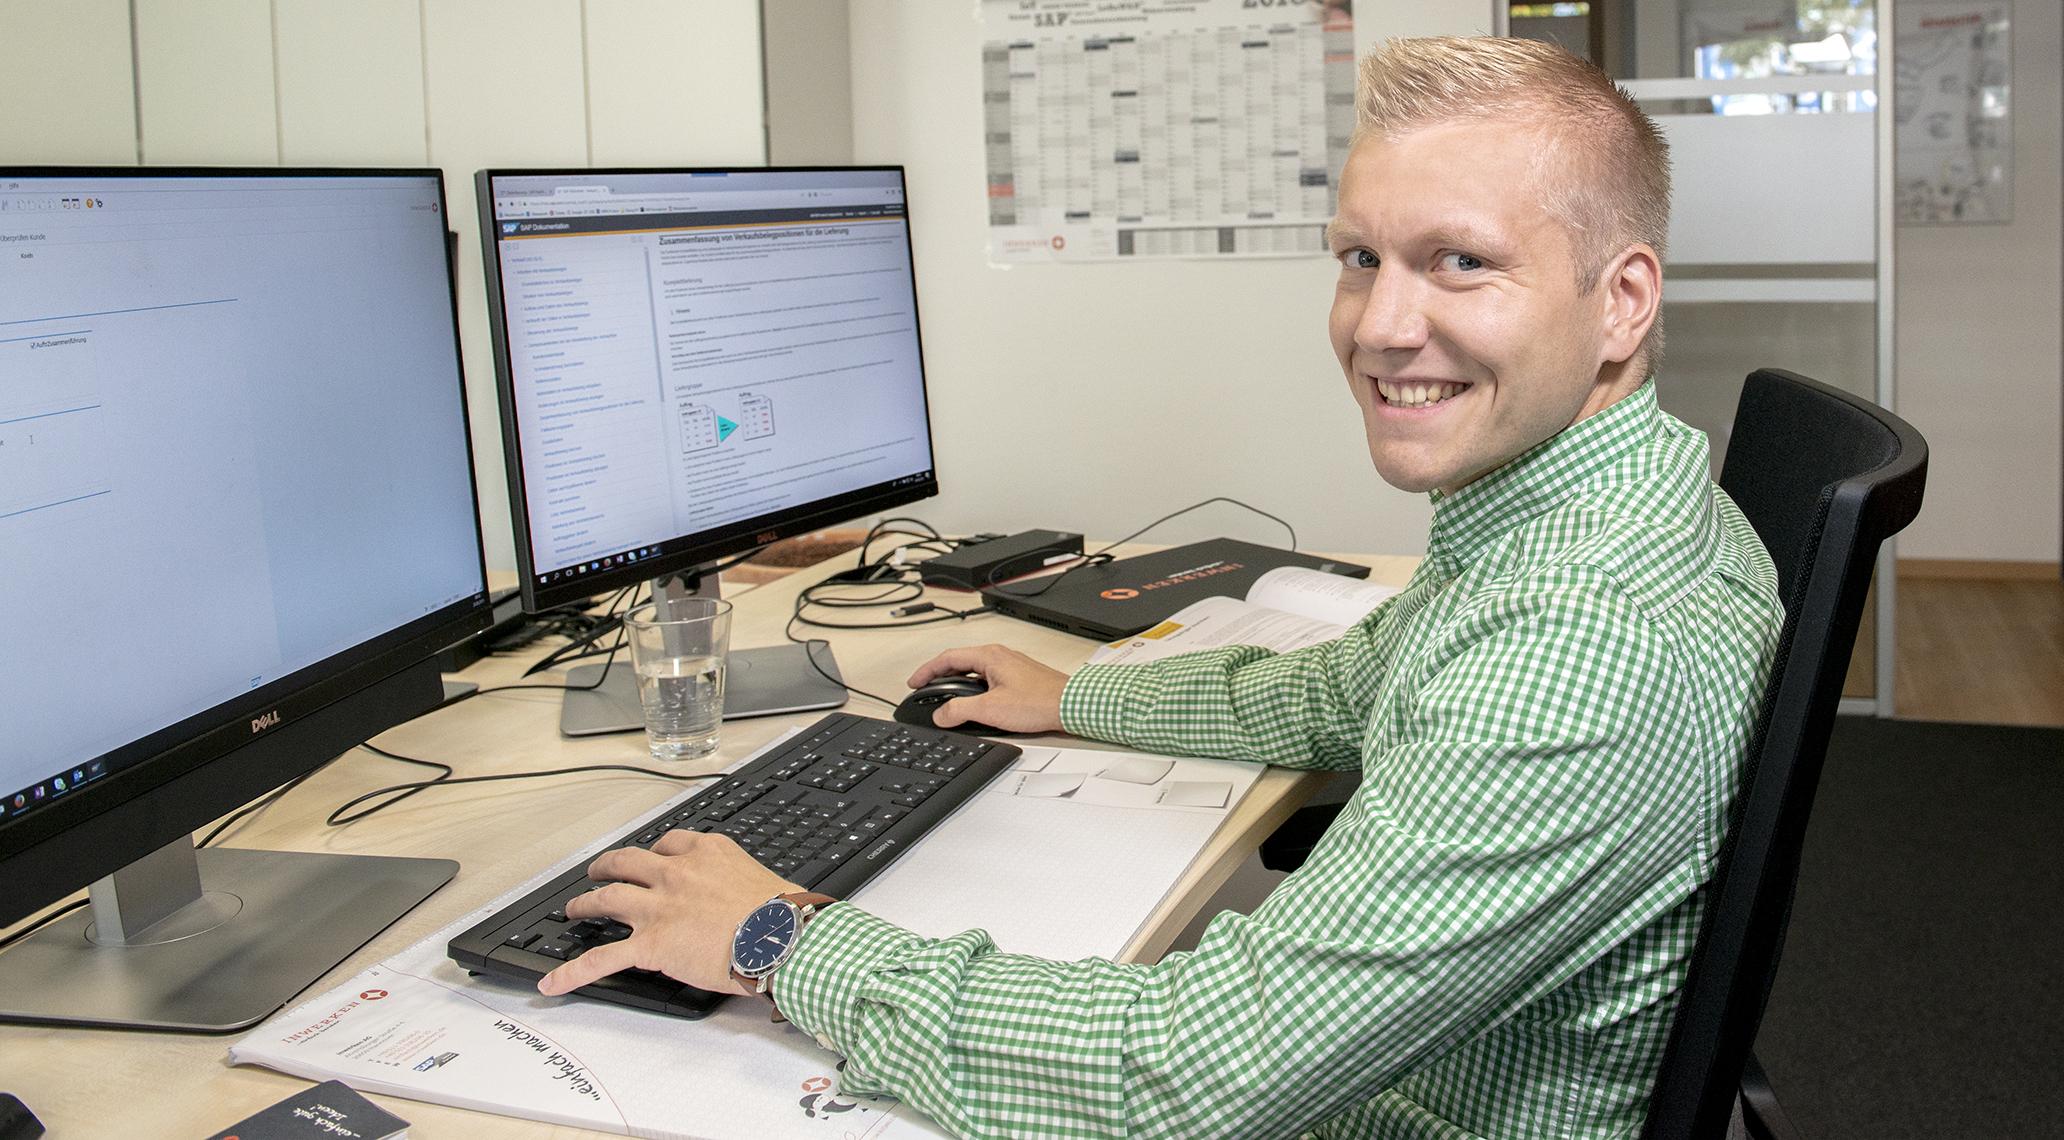 SAP Berater/-in